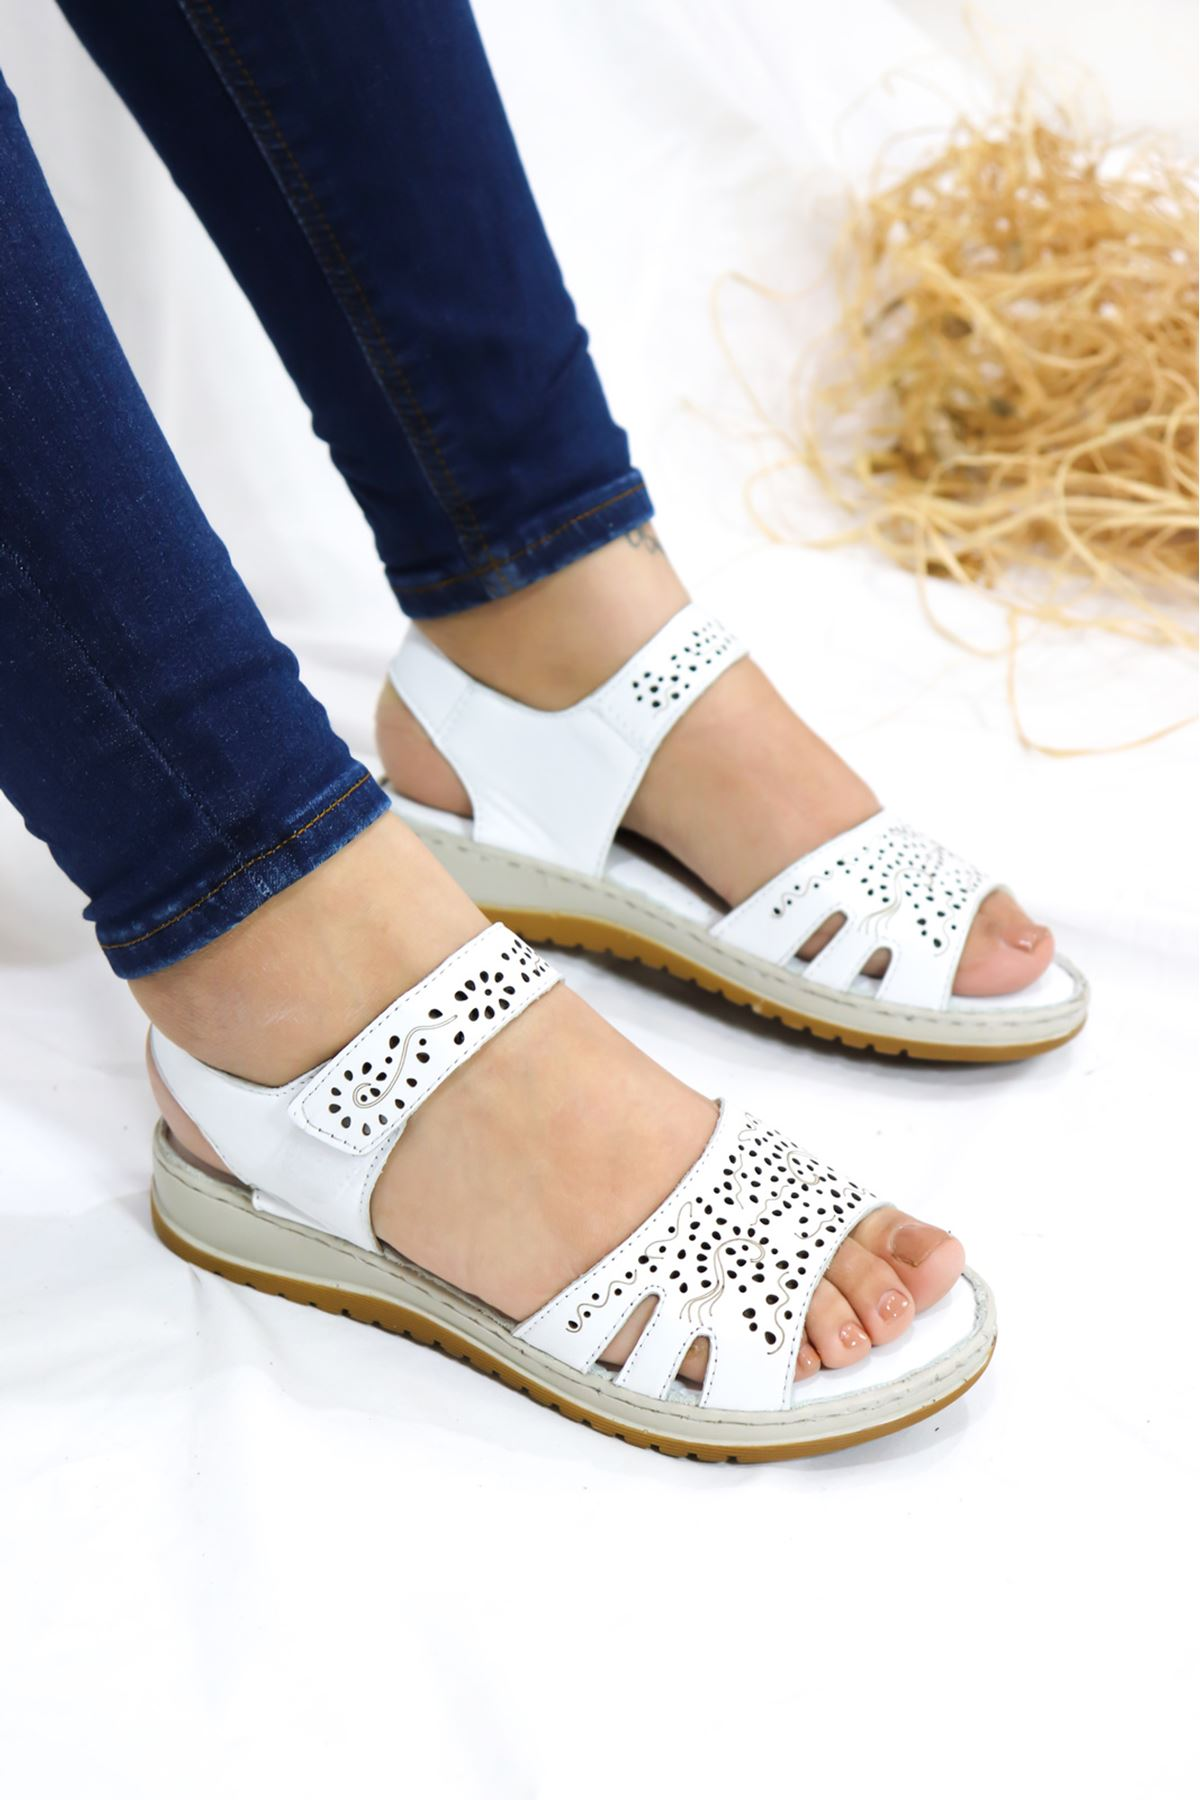 Trendayakkabı - Hakiki Deri Beyaz sandalet